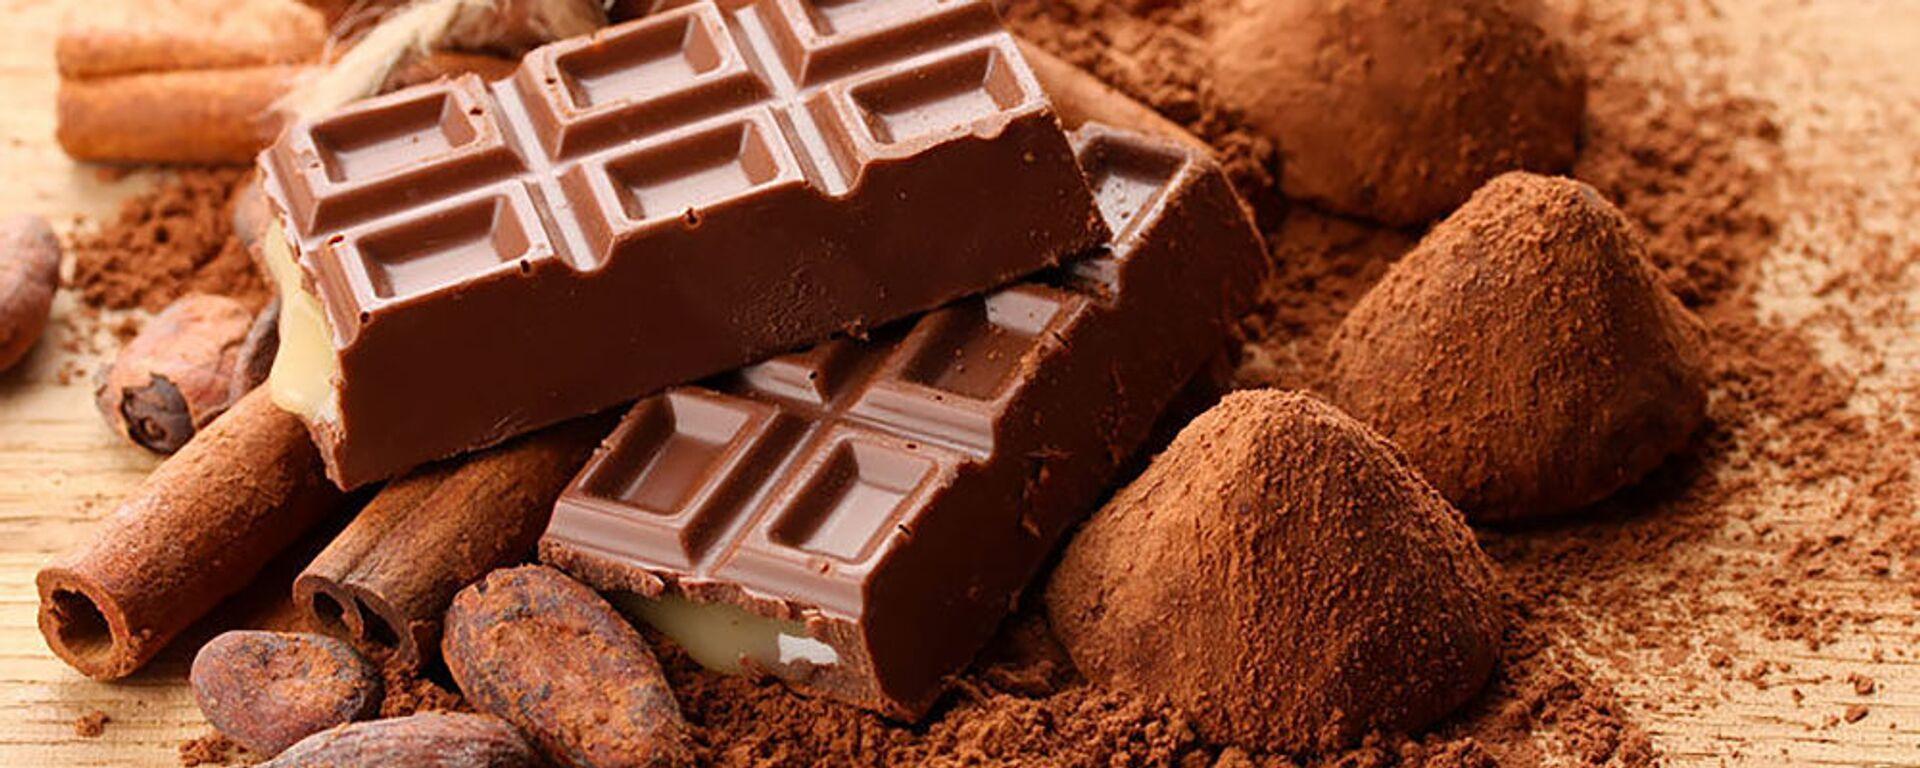 Շոկոլադ - Sputnik Արմենիա, 1920, 20.09.2021